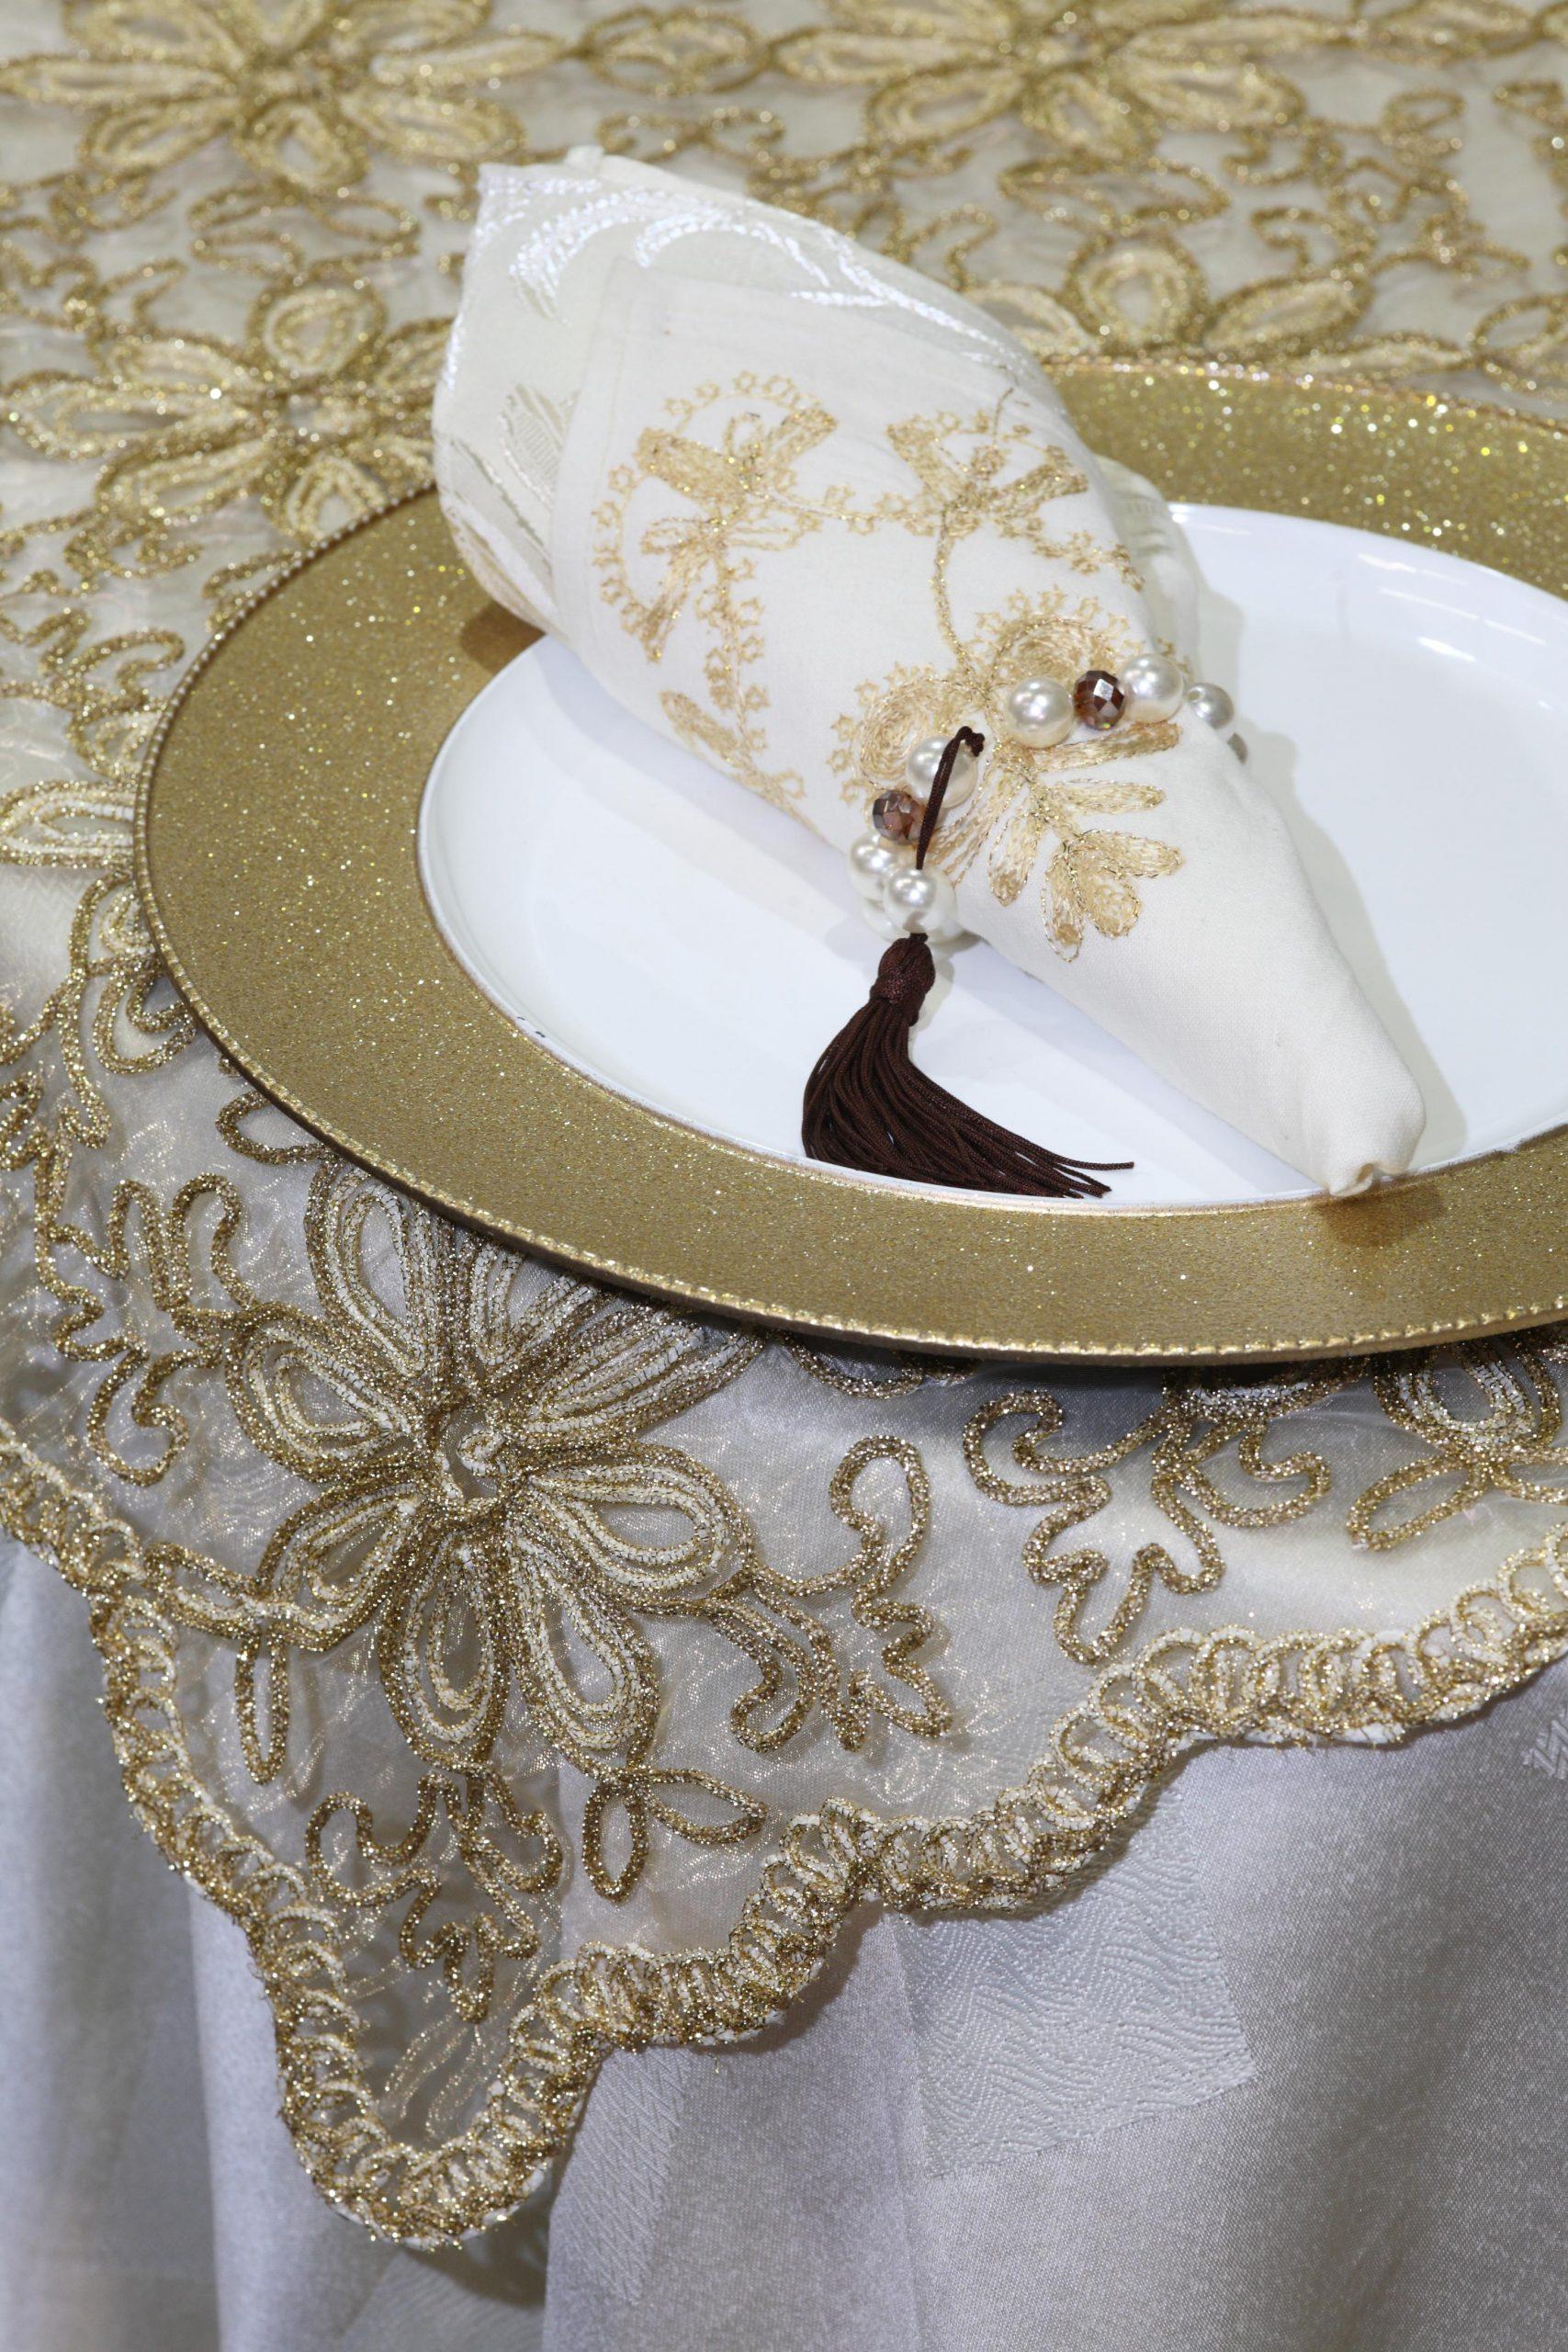 Toalha de mesa bordada cinçal ouro com ouro velhoquadrada 2,15x2,15